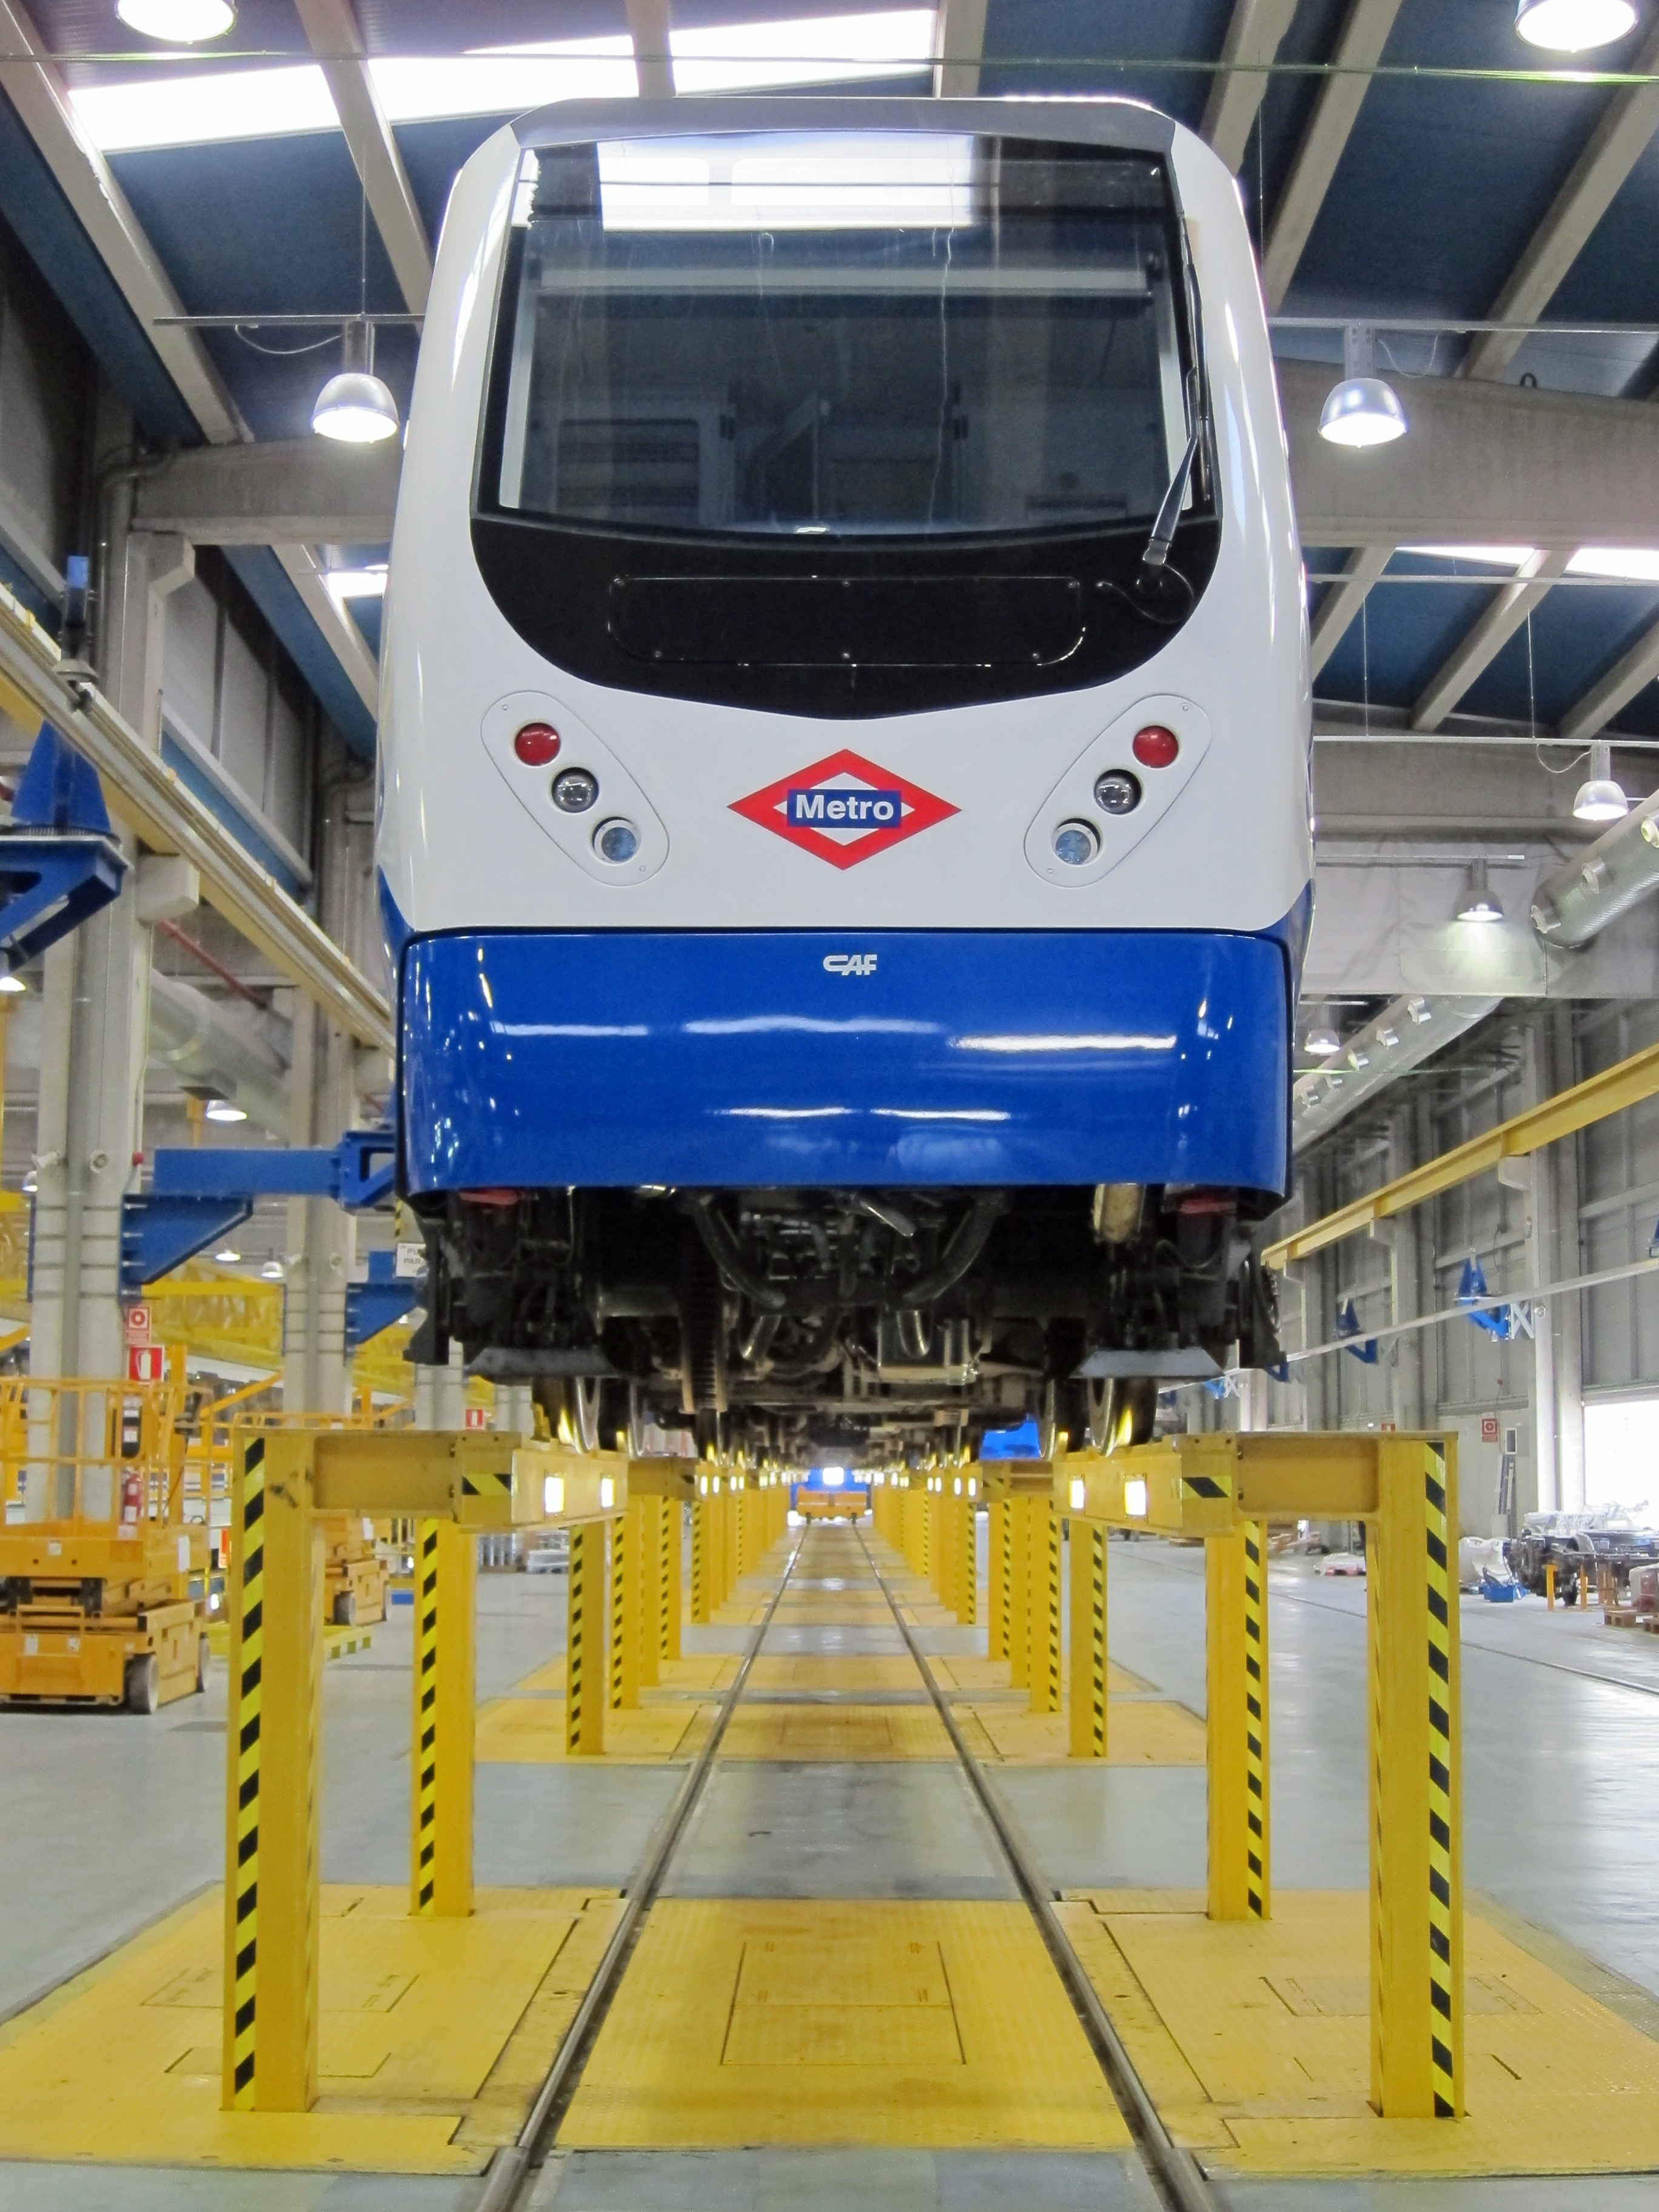 Una incidencia en un tren interrumpe el servicio en el norte de la Línea 10 de Metro durante al menos cuatro horas